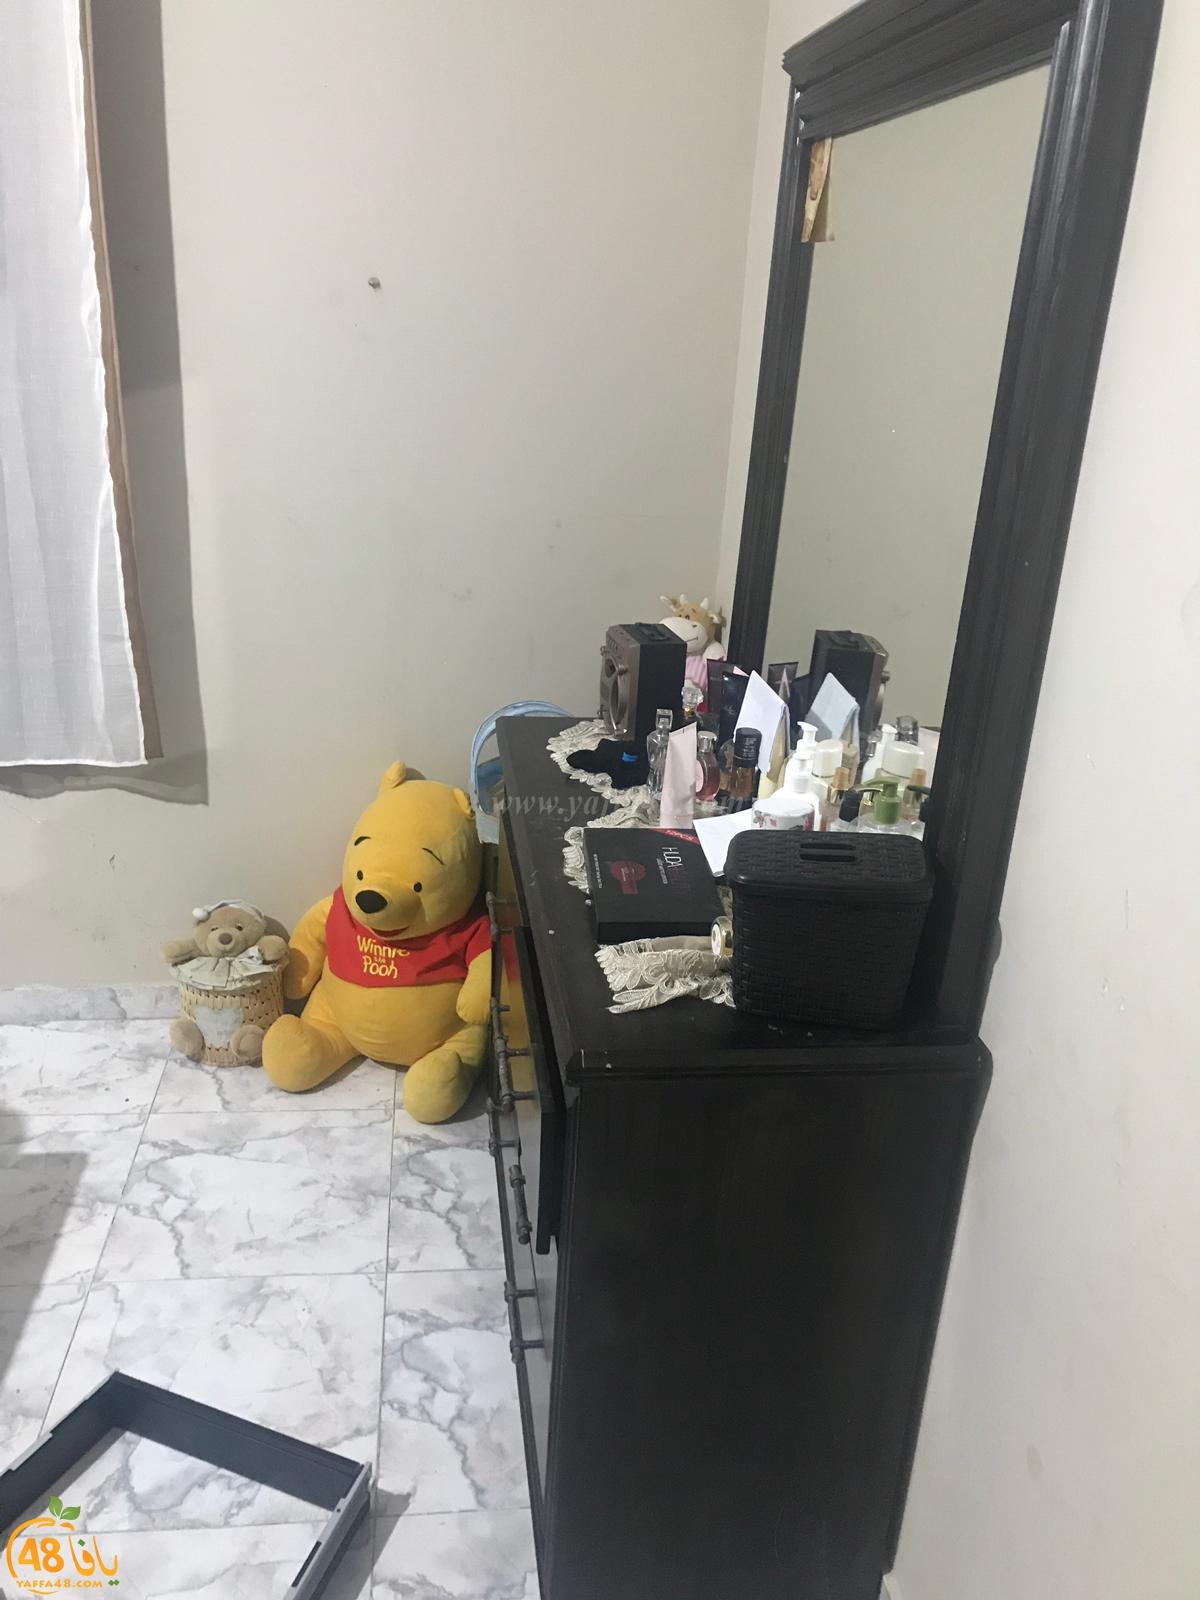 بالصور: الشرطة تداهم بيت عائلة عربية في اللد وتعبث بمحتوياته